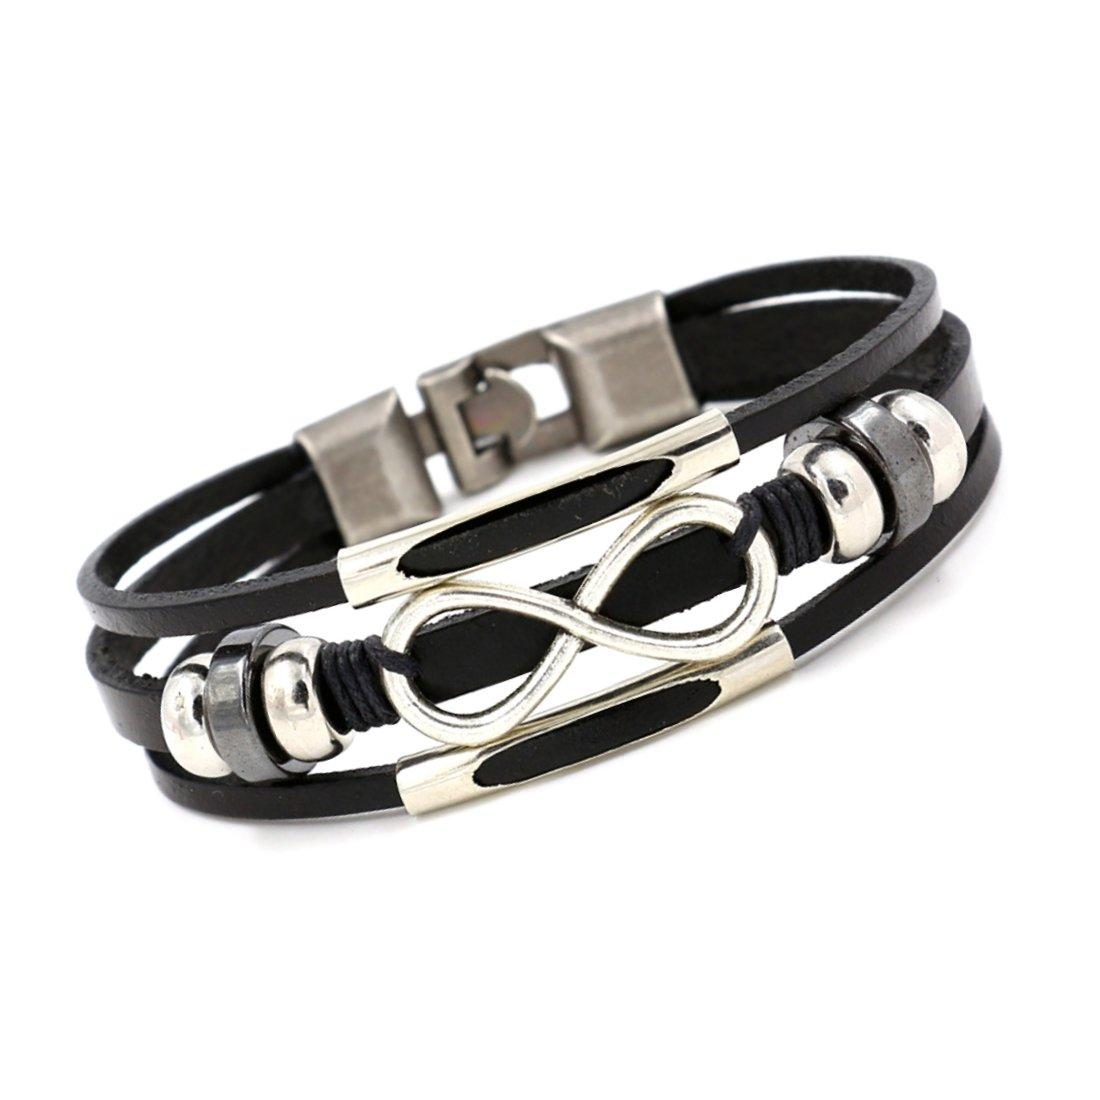 Bracelet en cuir pour femme Infini noir trois rangs elemente perles réglable 16cm á 18cm Unique SY766